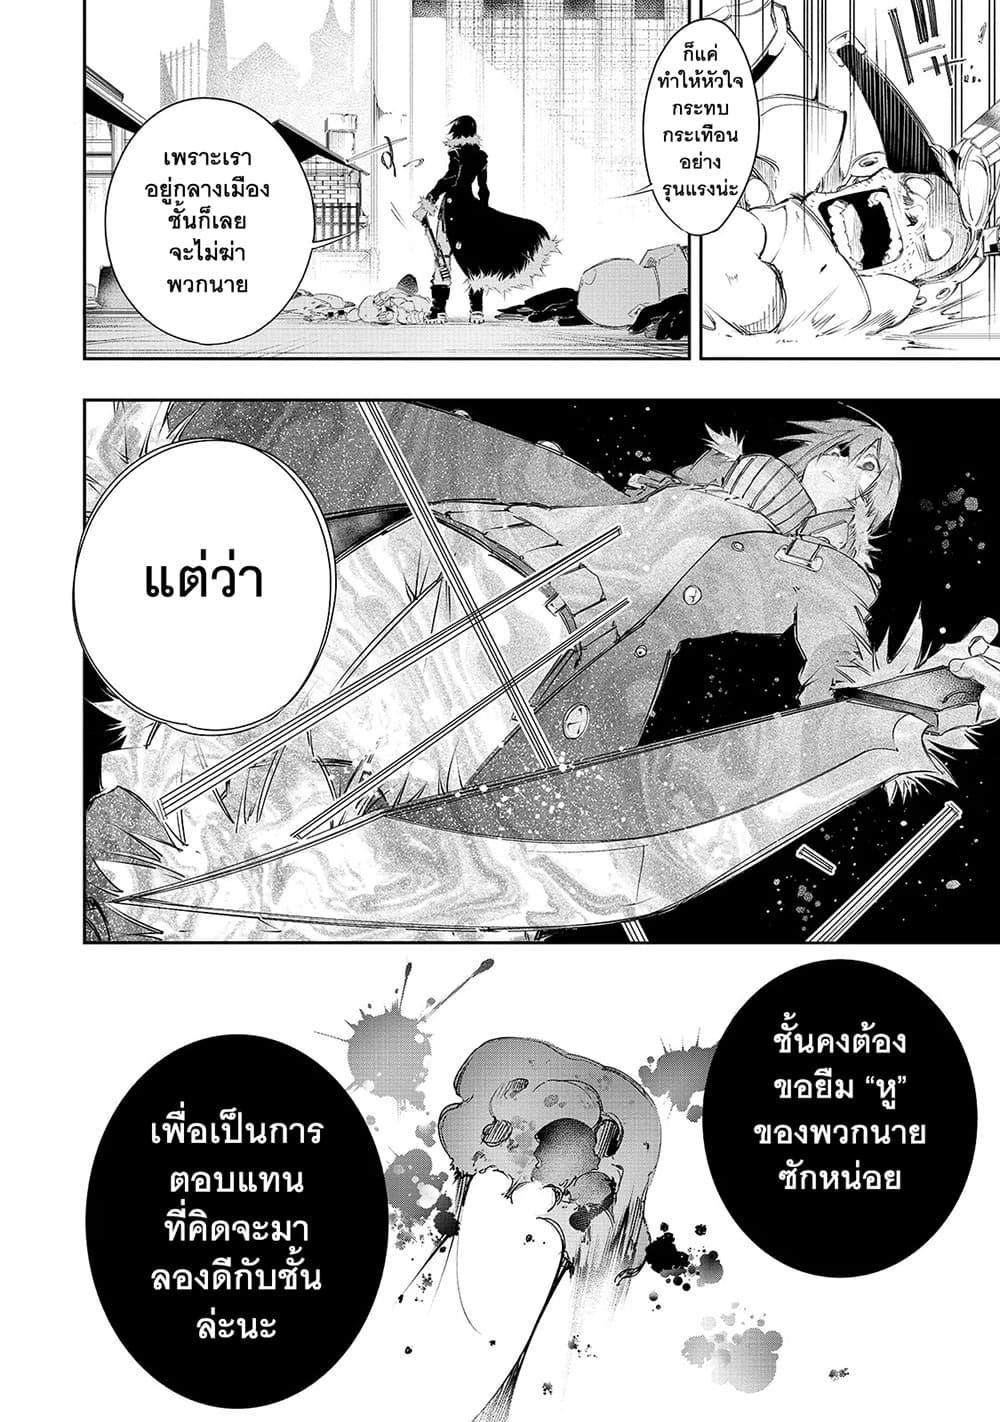 อ่านการ์ตูน Saikyou no Shien-shoku Wajutsushi Dearu Ore wa Sekai Saikyou Kuran o Shitagaeru ตอนที่ 8 หน้าที่ 23